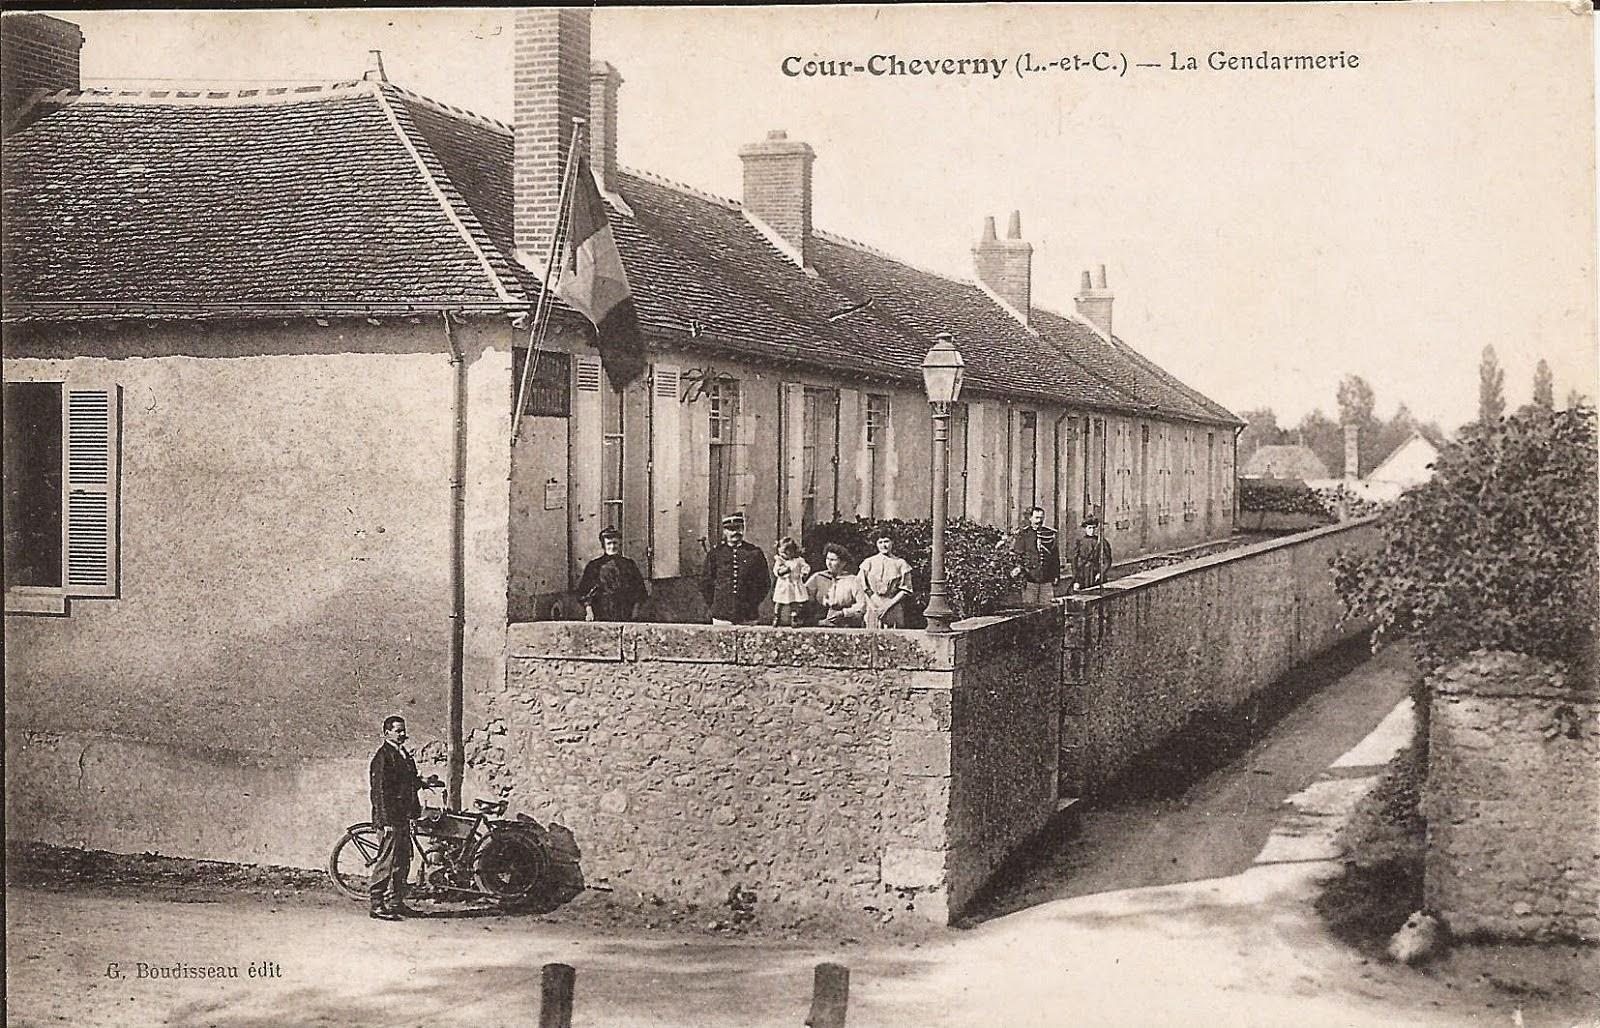 Gendarmerie - Cour-Cheverny